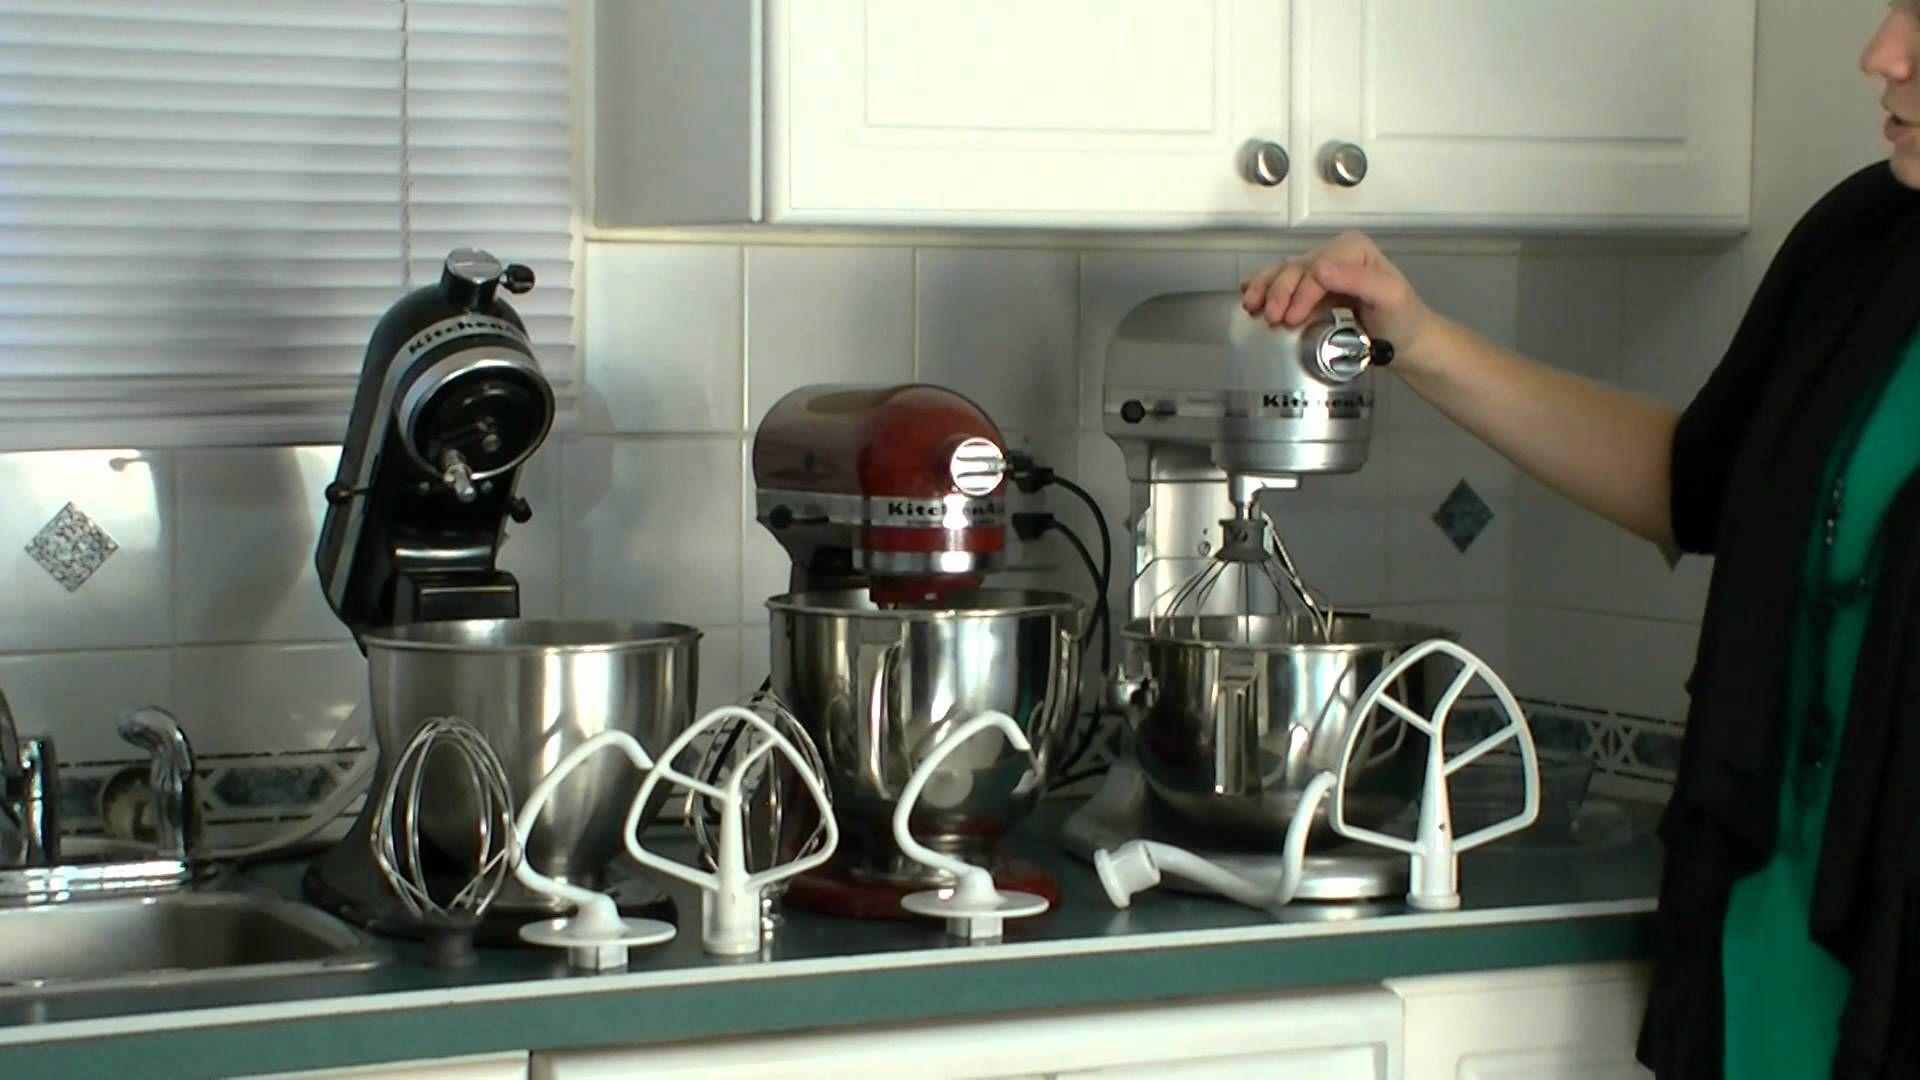 Kitchenaid Pro Vs Kitchenaid Artisan Vs Kitchenaid Classic